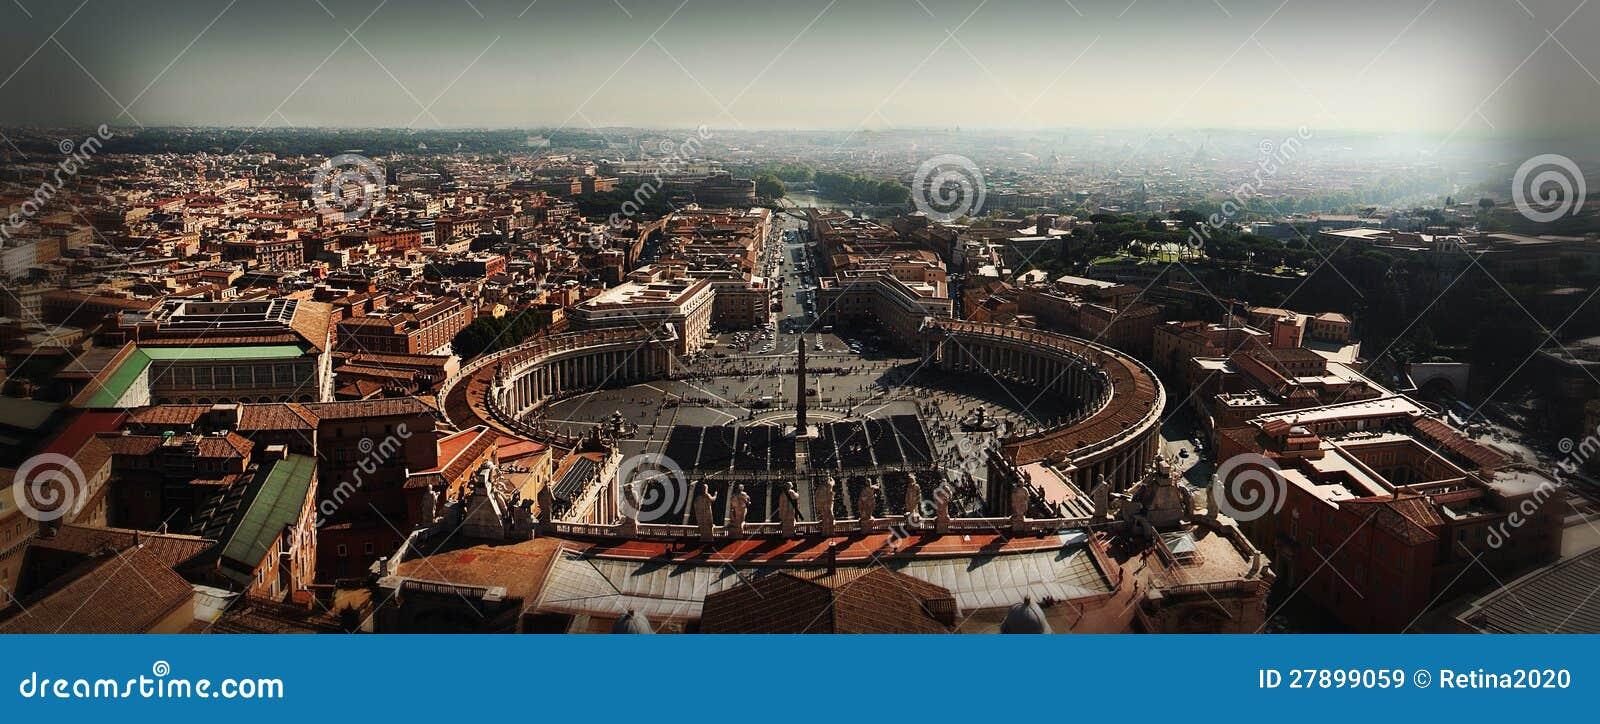 Стежок Smartphone панорамный государства Ватикан